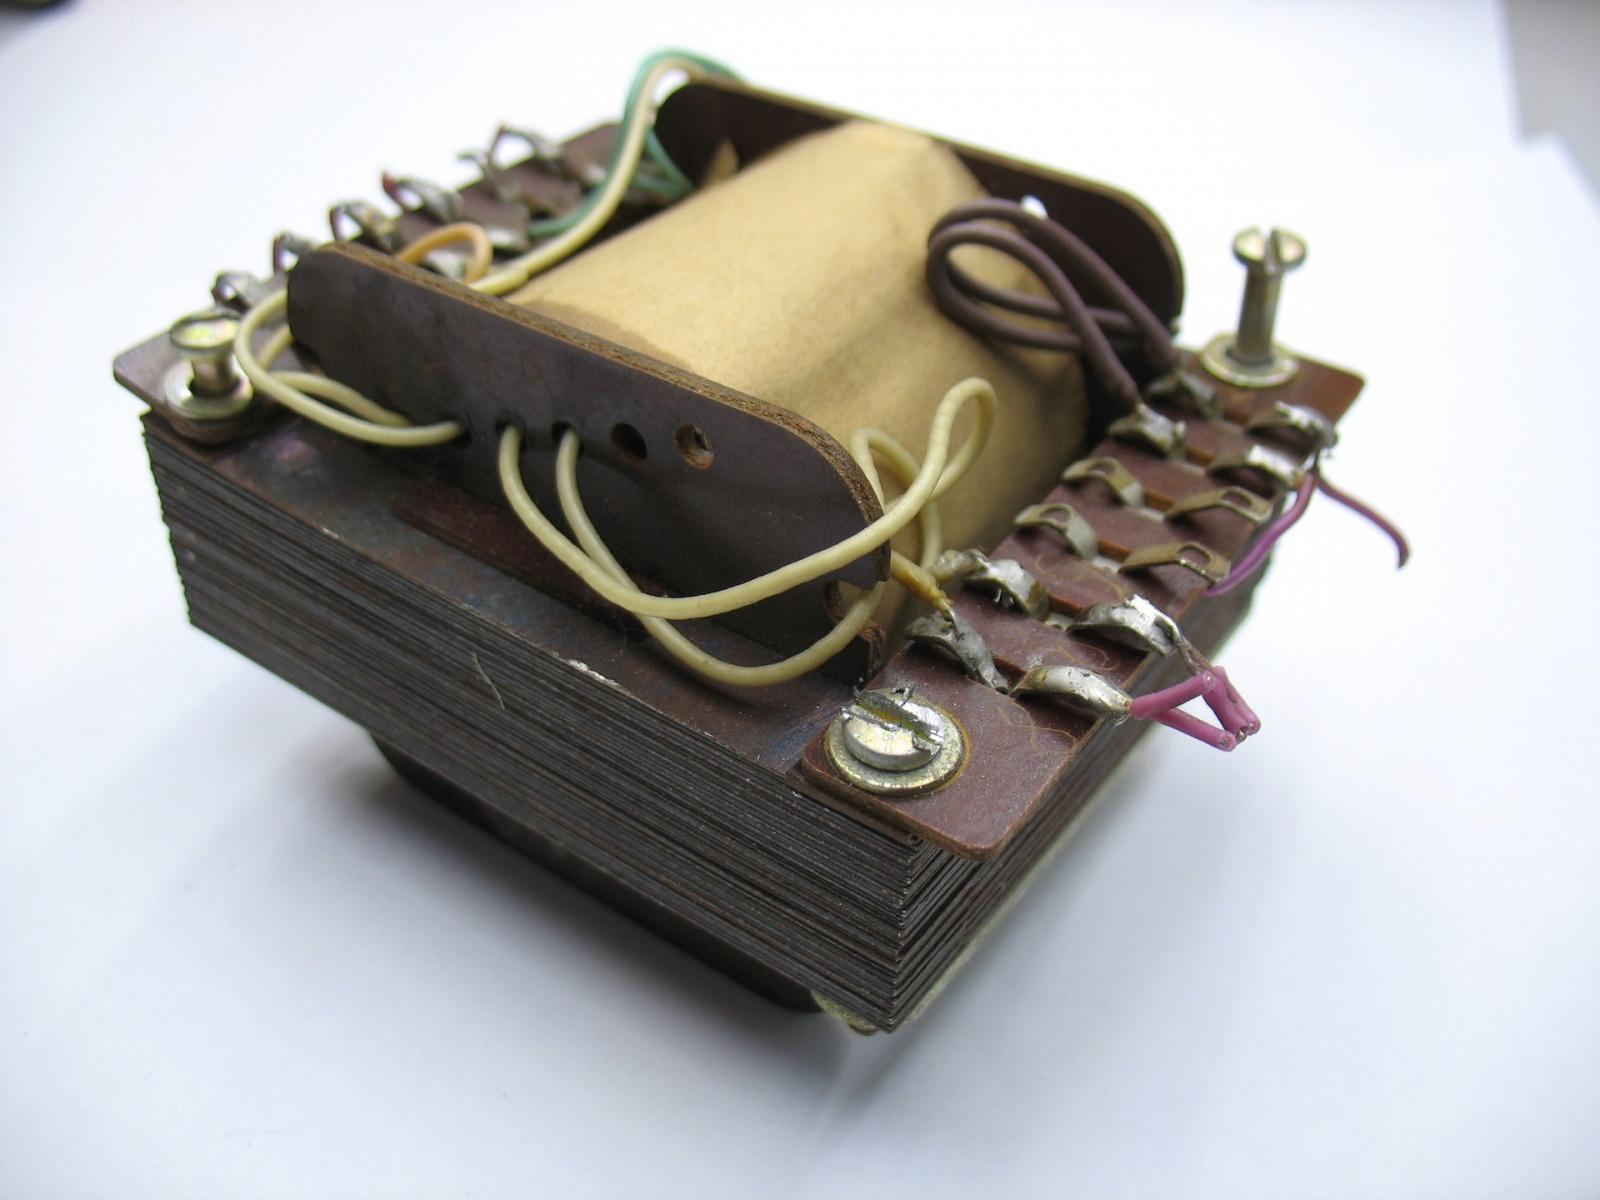 Руководство по материалам электротехники для всех. Часть 6 - 6